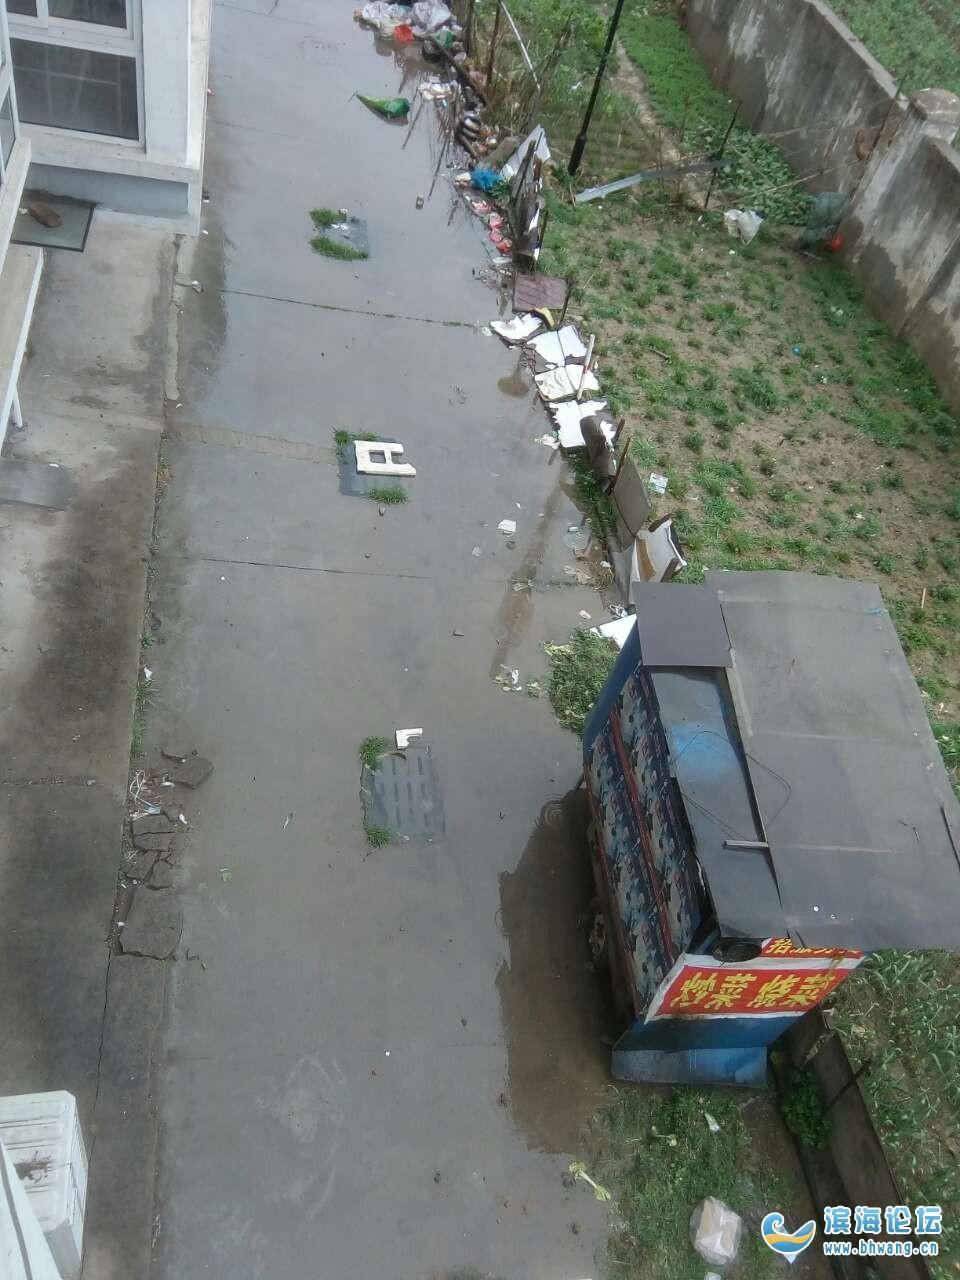 南苑安置小区下水道大部分堵塞,恶臭熏天,居民苦不堪